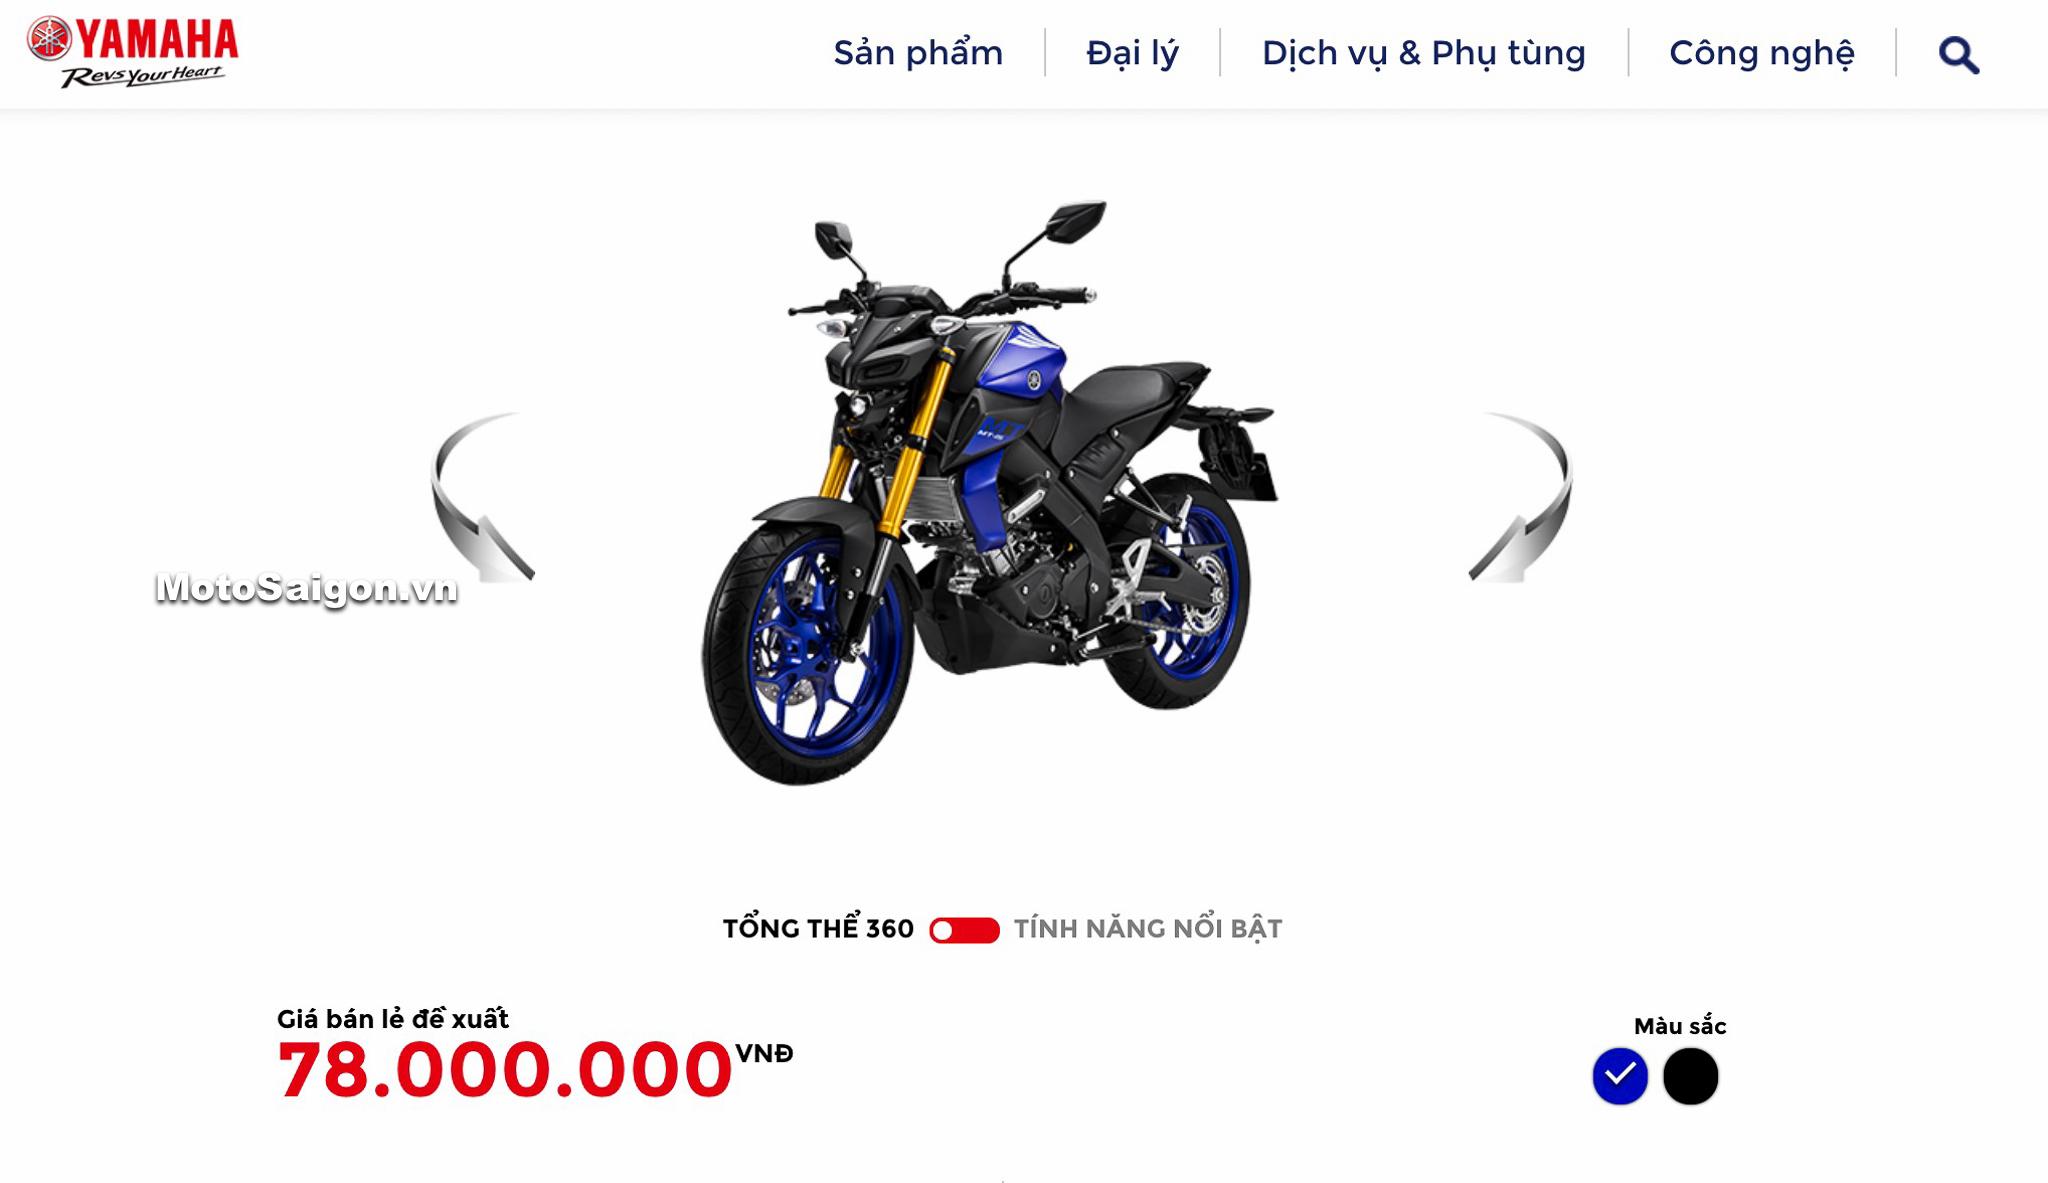 Giá bán Yamaha MT-15 2020 chính hãng tại Việt Nam